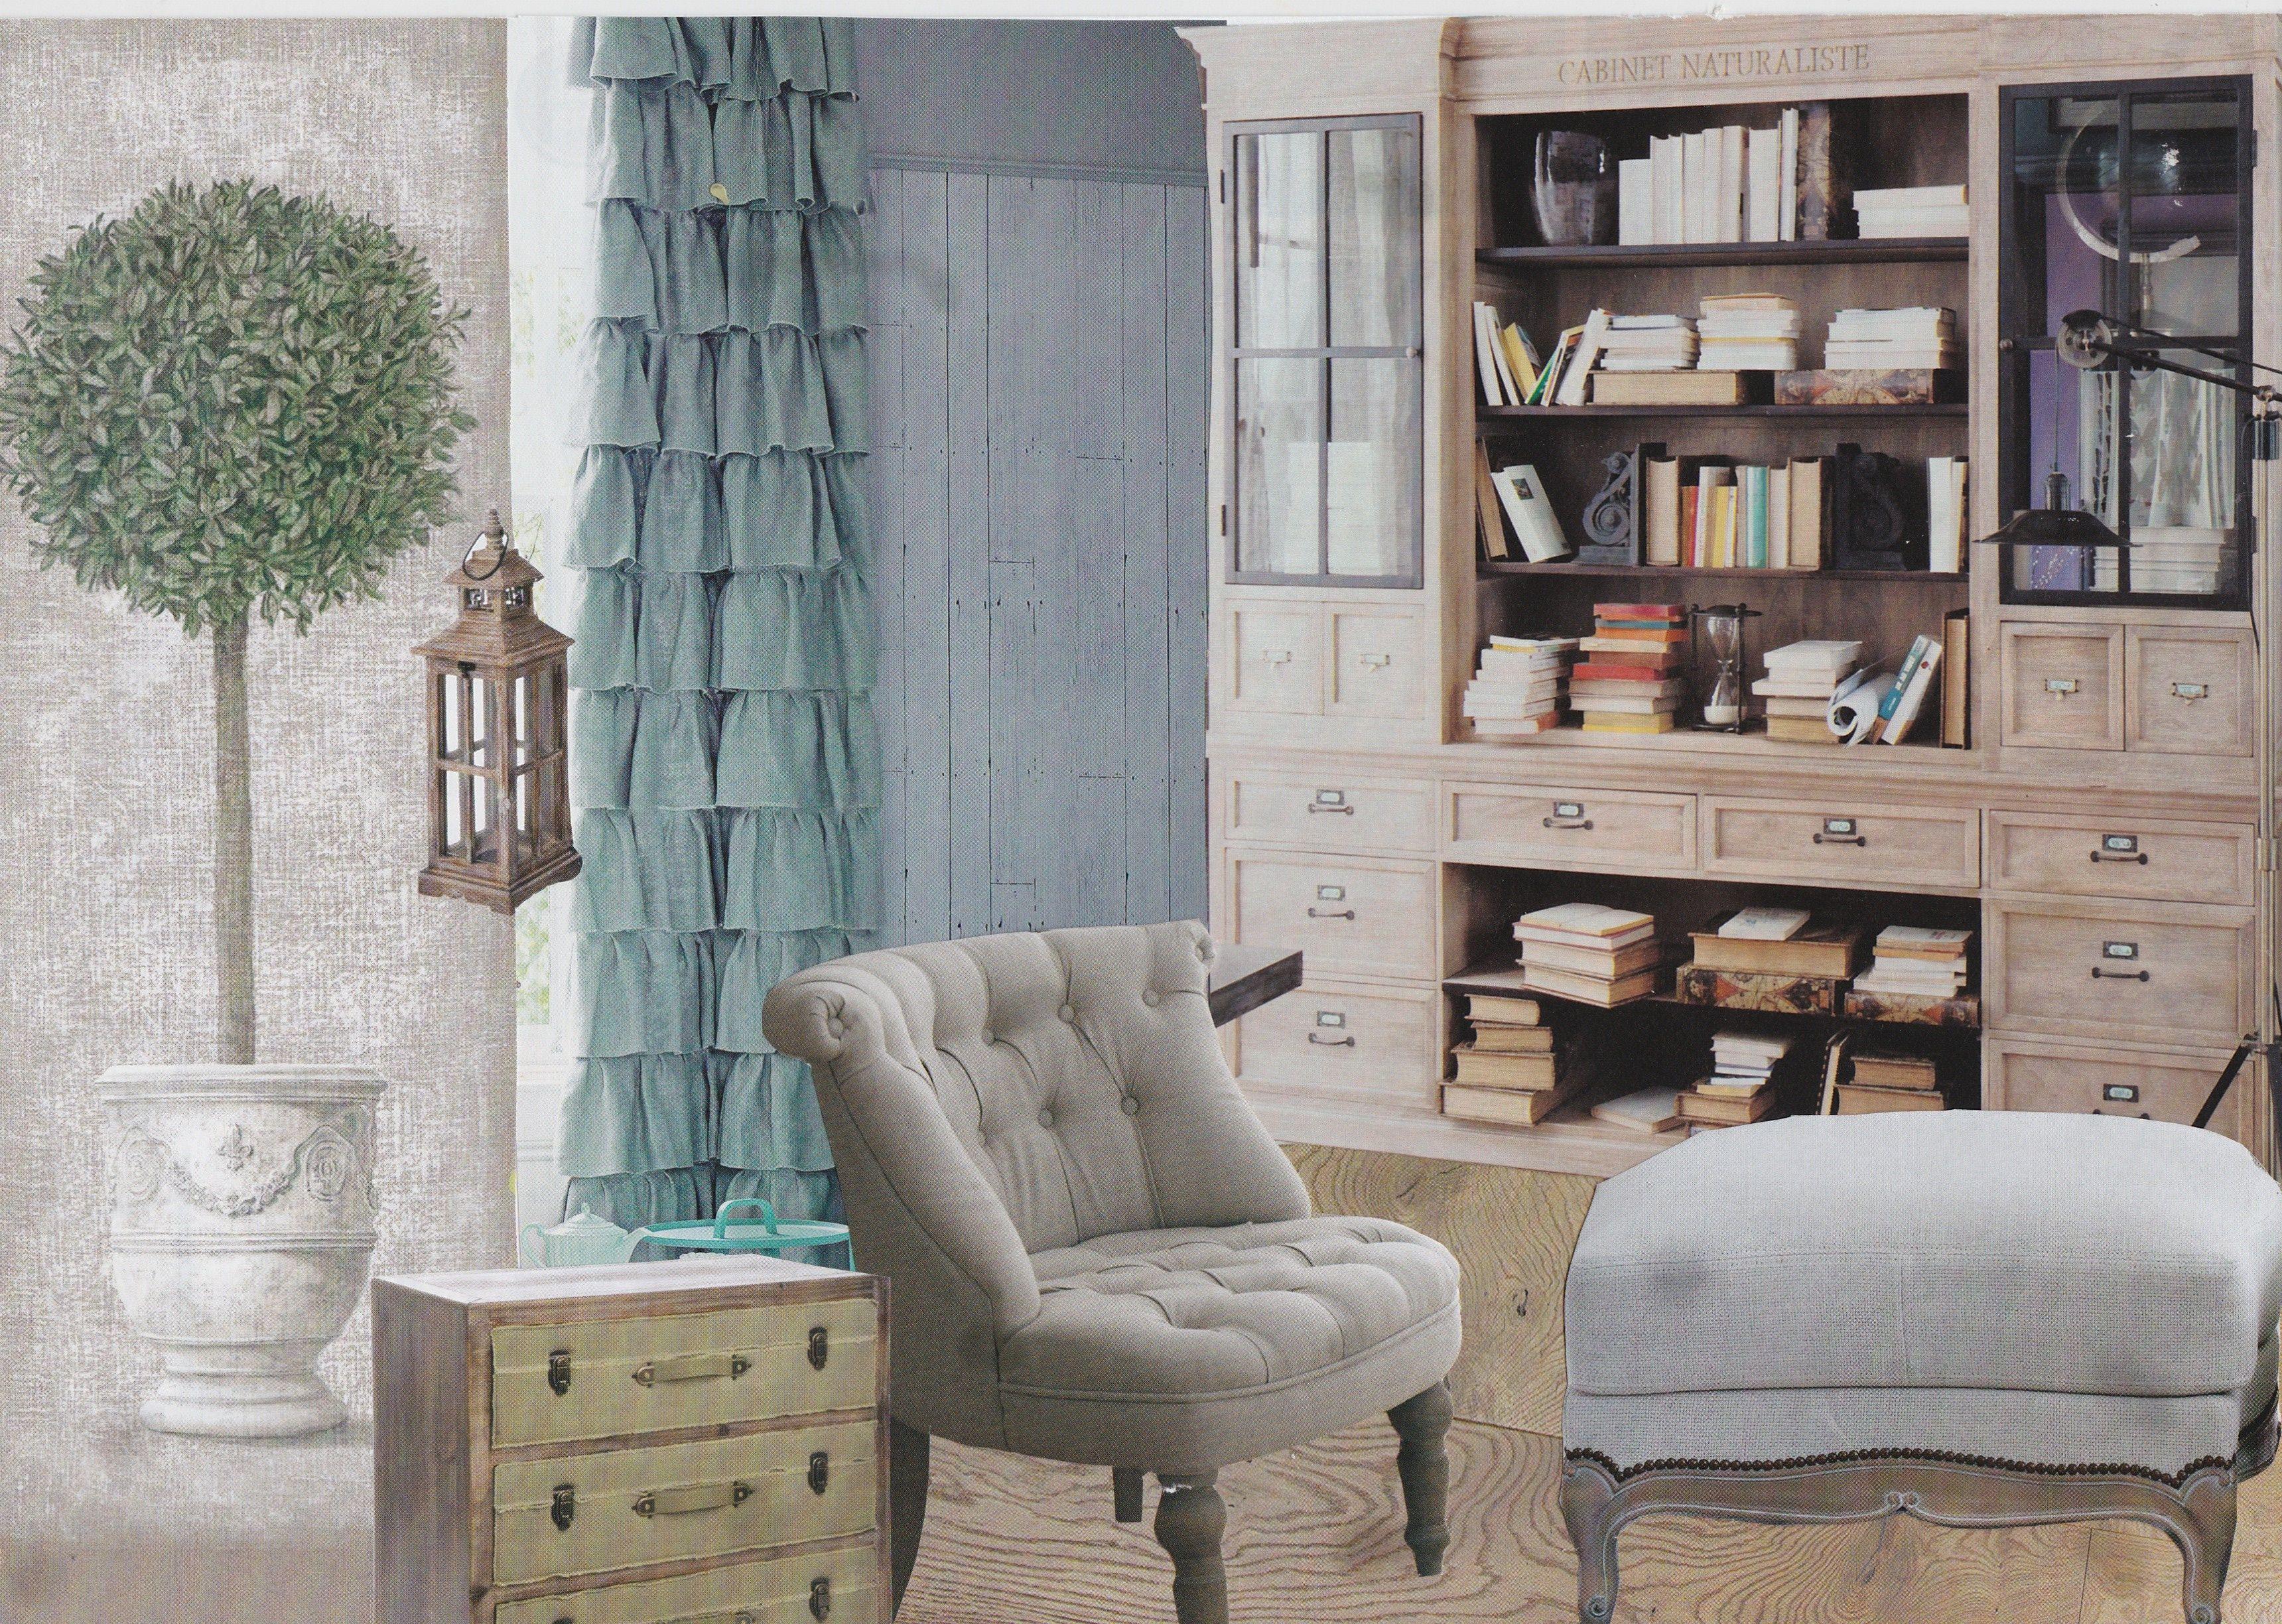 planche tendance campagne chic du bois clair des mati res naturelles comme le lin une. Black Bedroom Furniture Sets. Home Design Ideas